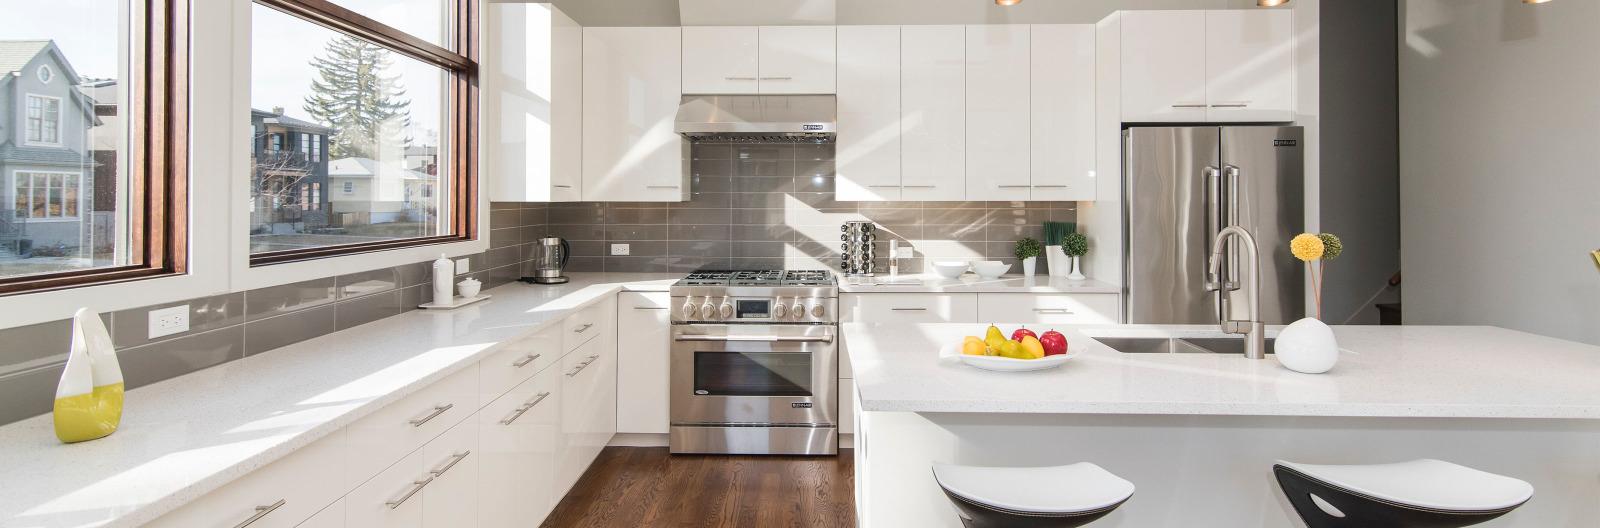 Full Size of Wie Sie Ihre Kche Gnstig Finanzieren Finanzcheckde Vorhänge Küche Sitzecke Billige Gebrauchte Einbauküche Betten Günstig Kaufen Holz Modern Lüftungsgitter Küche Küche Auf Raten